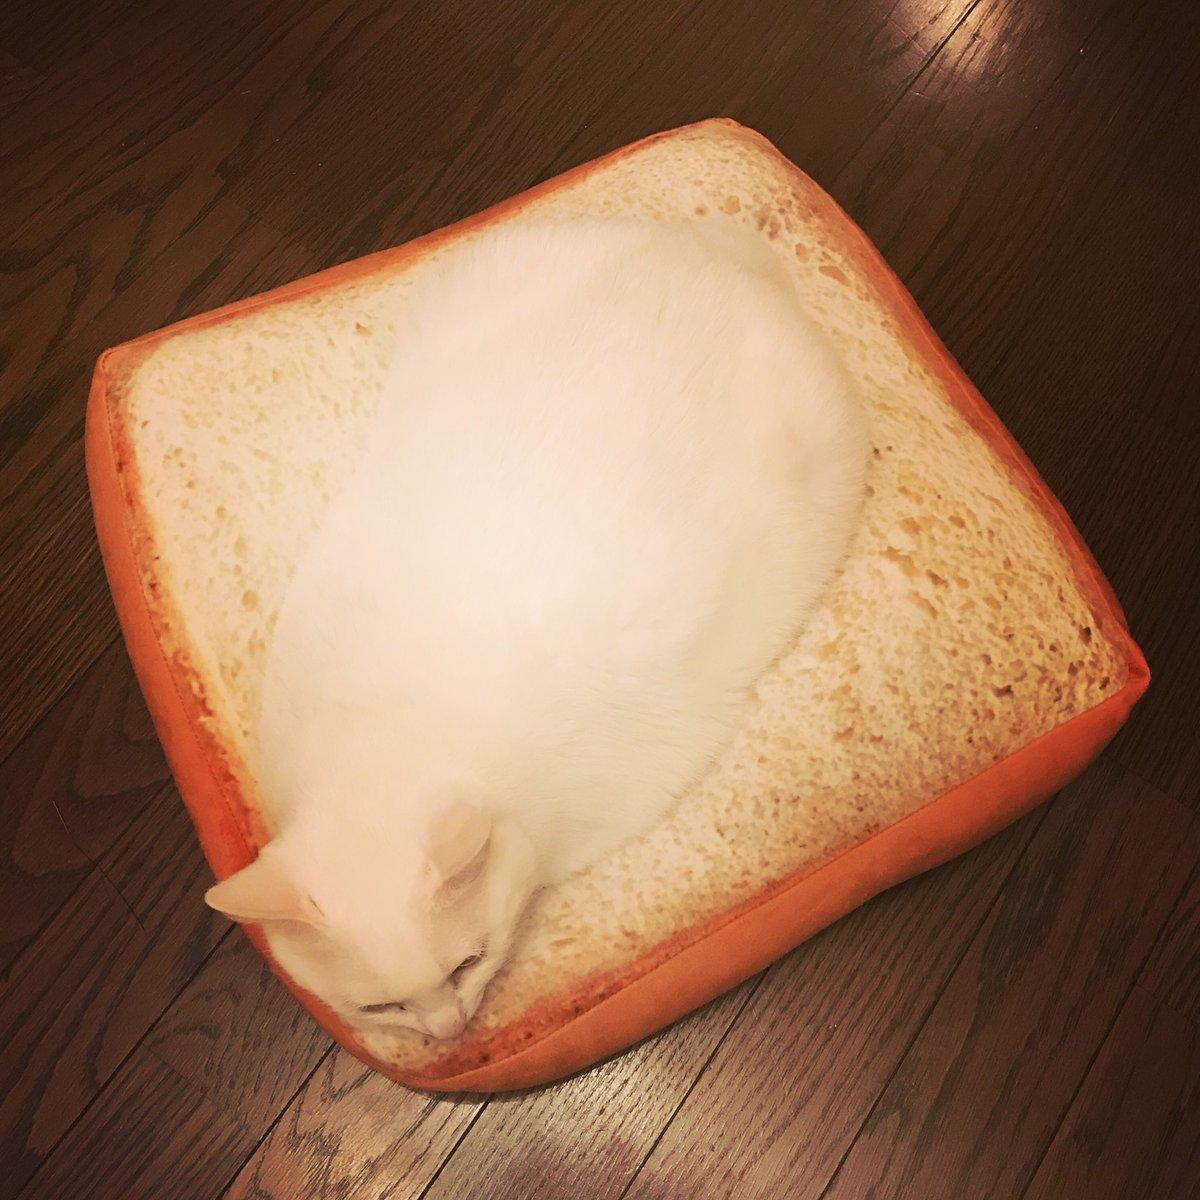 焼きたてふわふわの食パンに練乳クリームをのせたもの  ニトリのパンクッションです、気に入ったようで何よりです